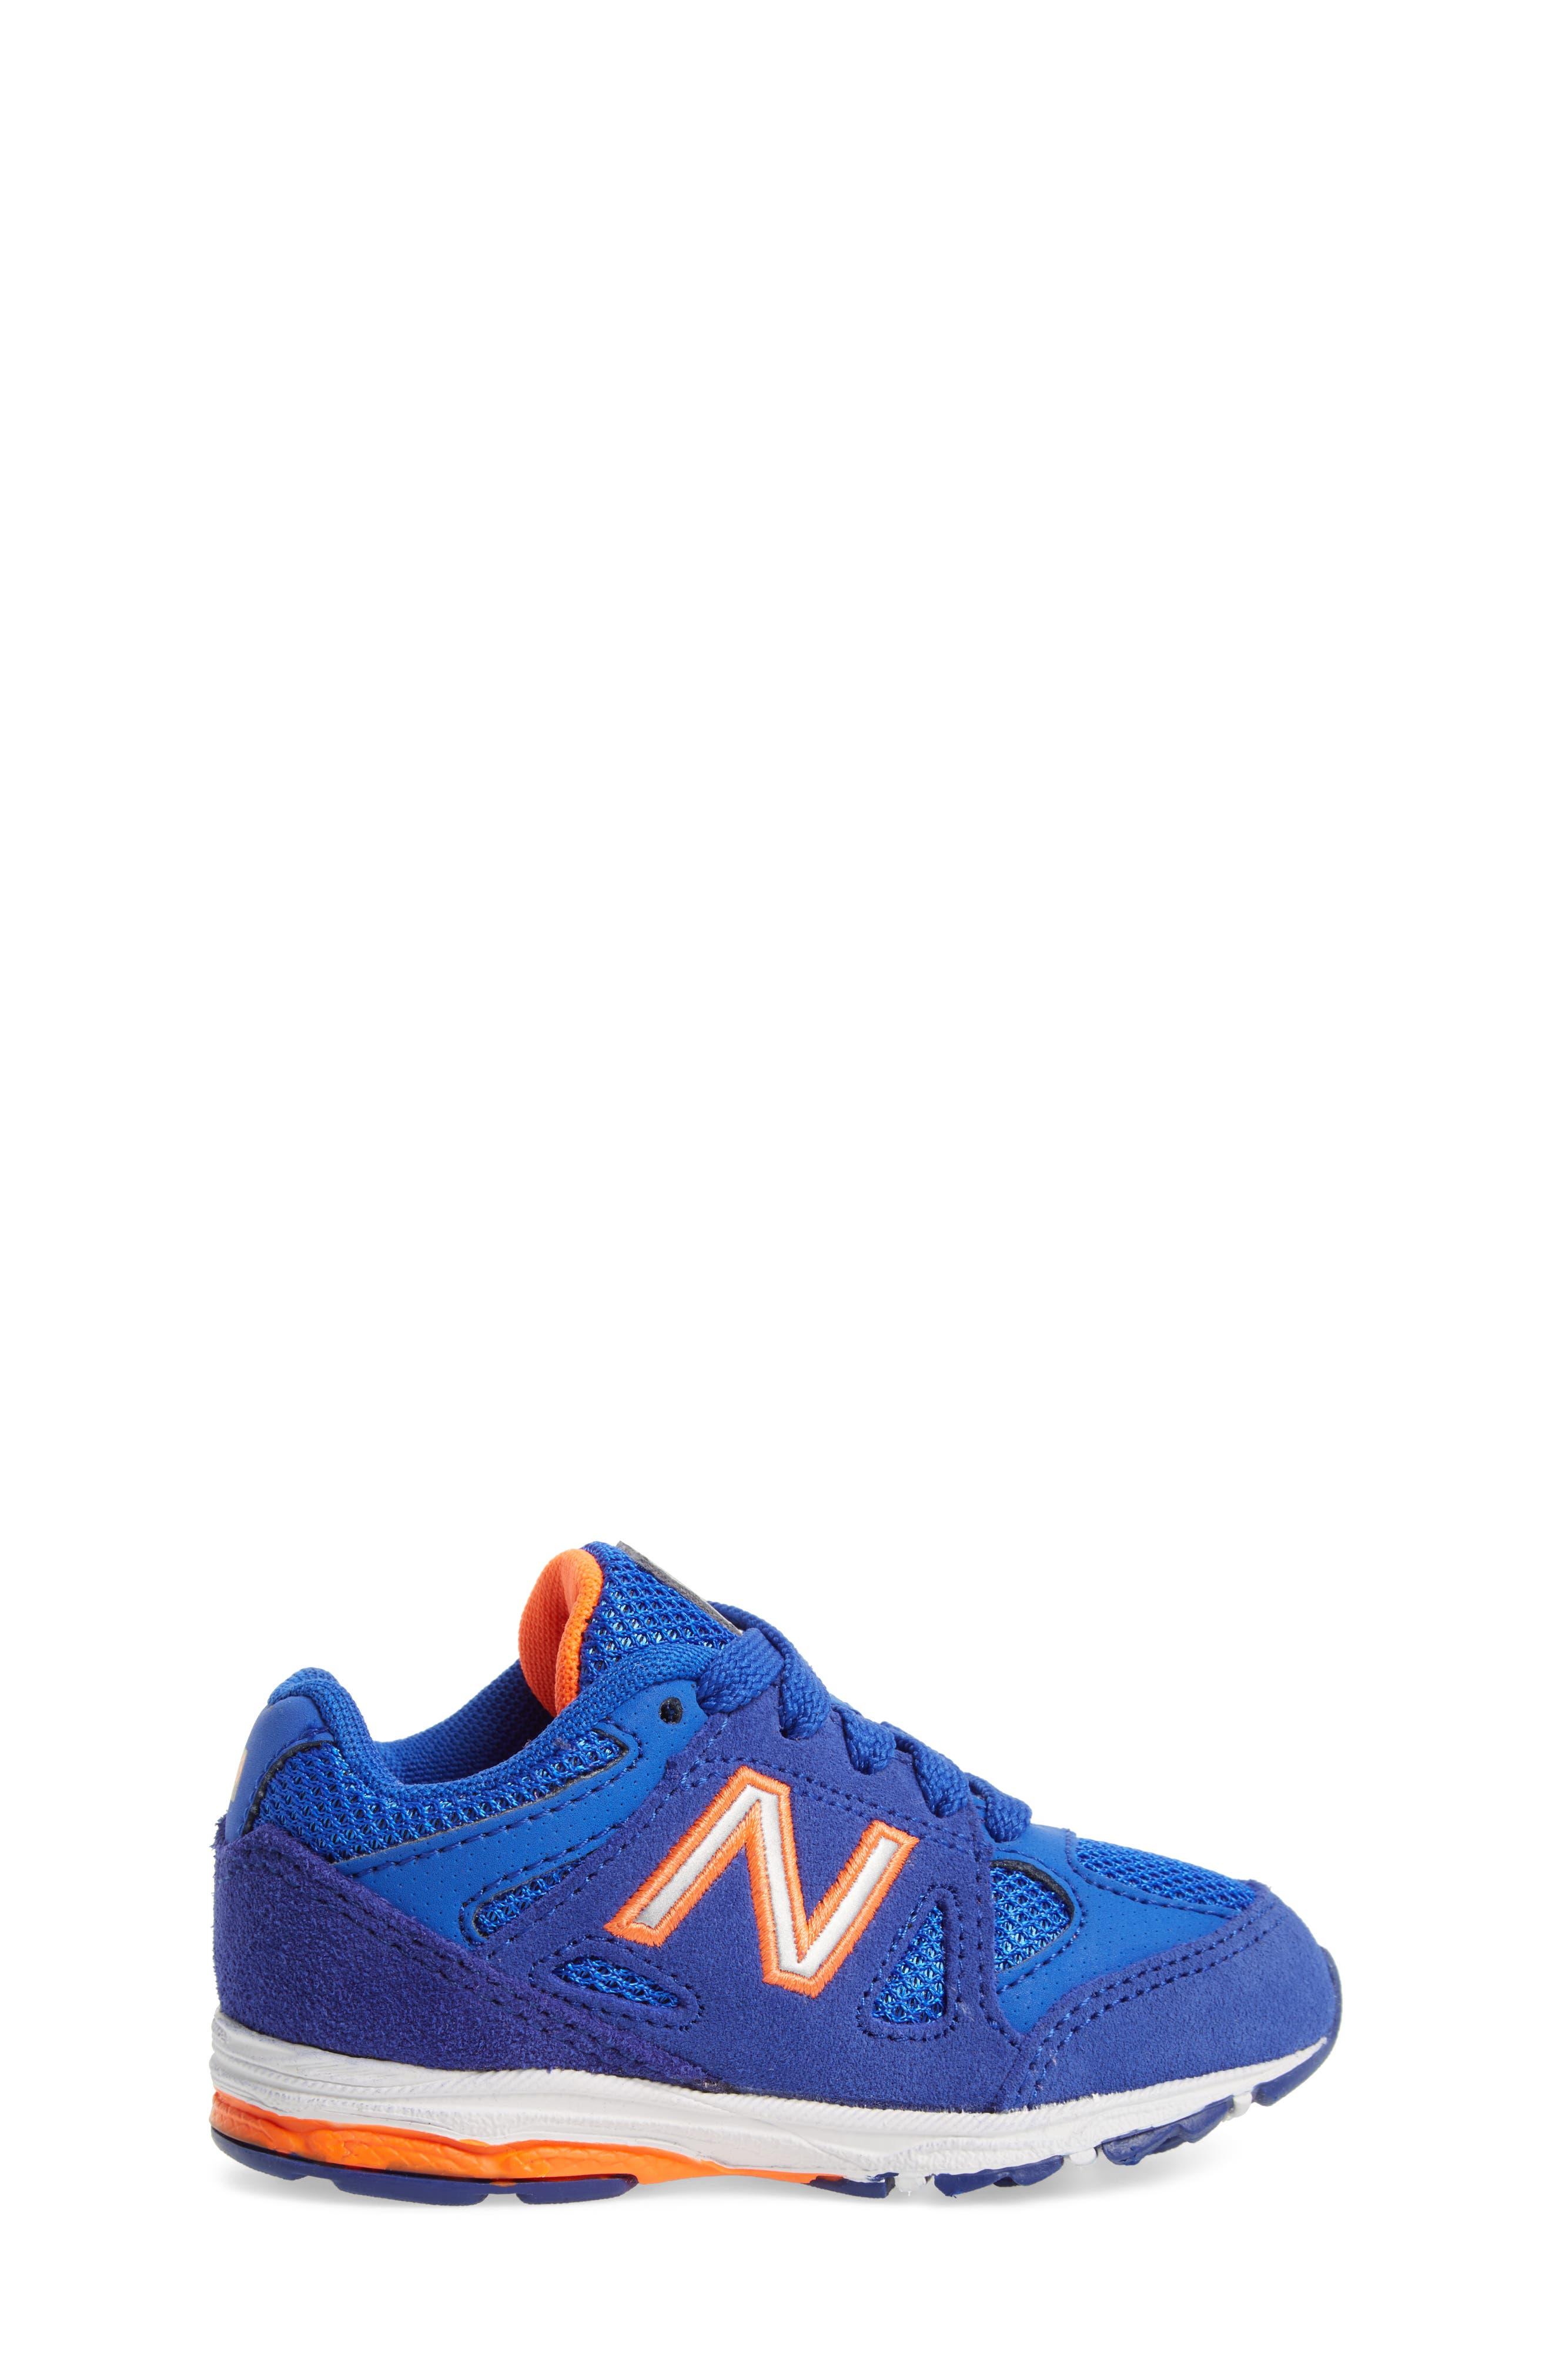 888 Sneaker,                             Alternate thumbnail 3, color,                             400